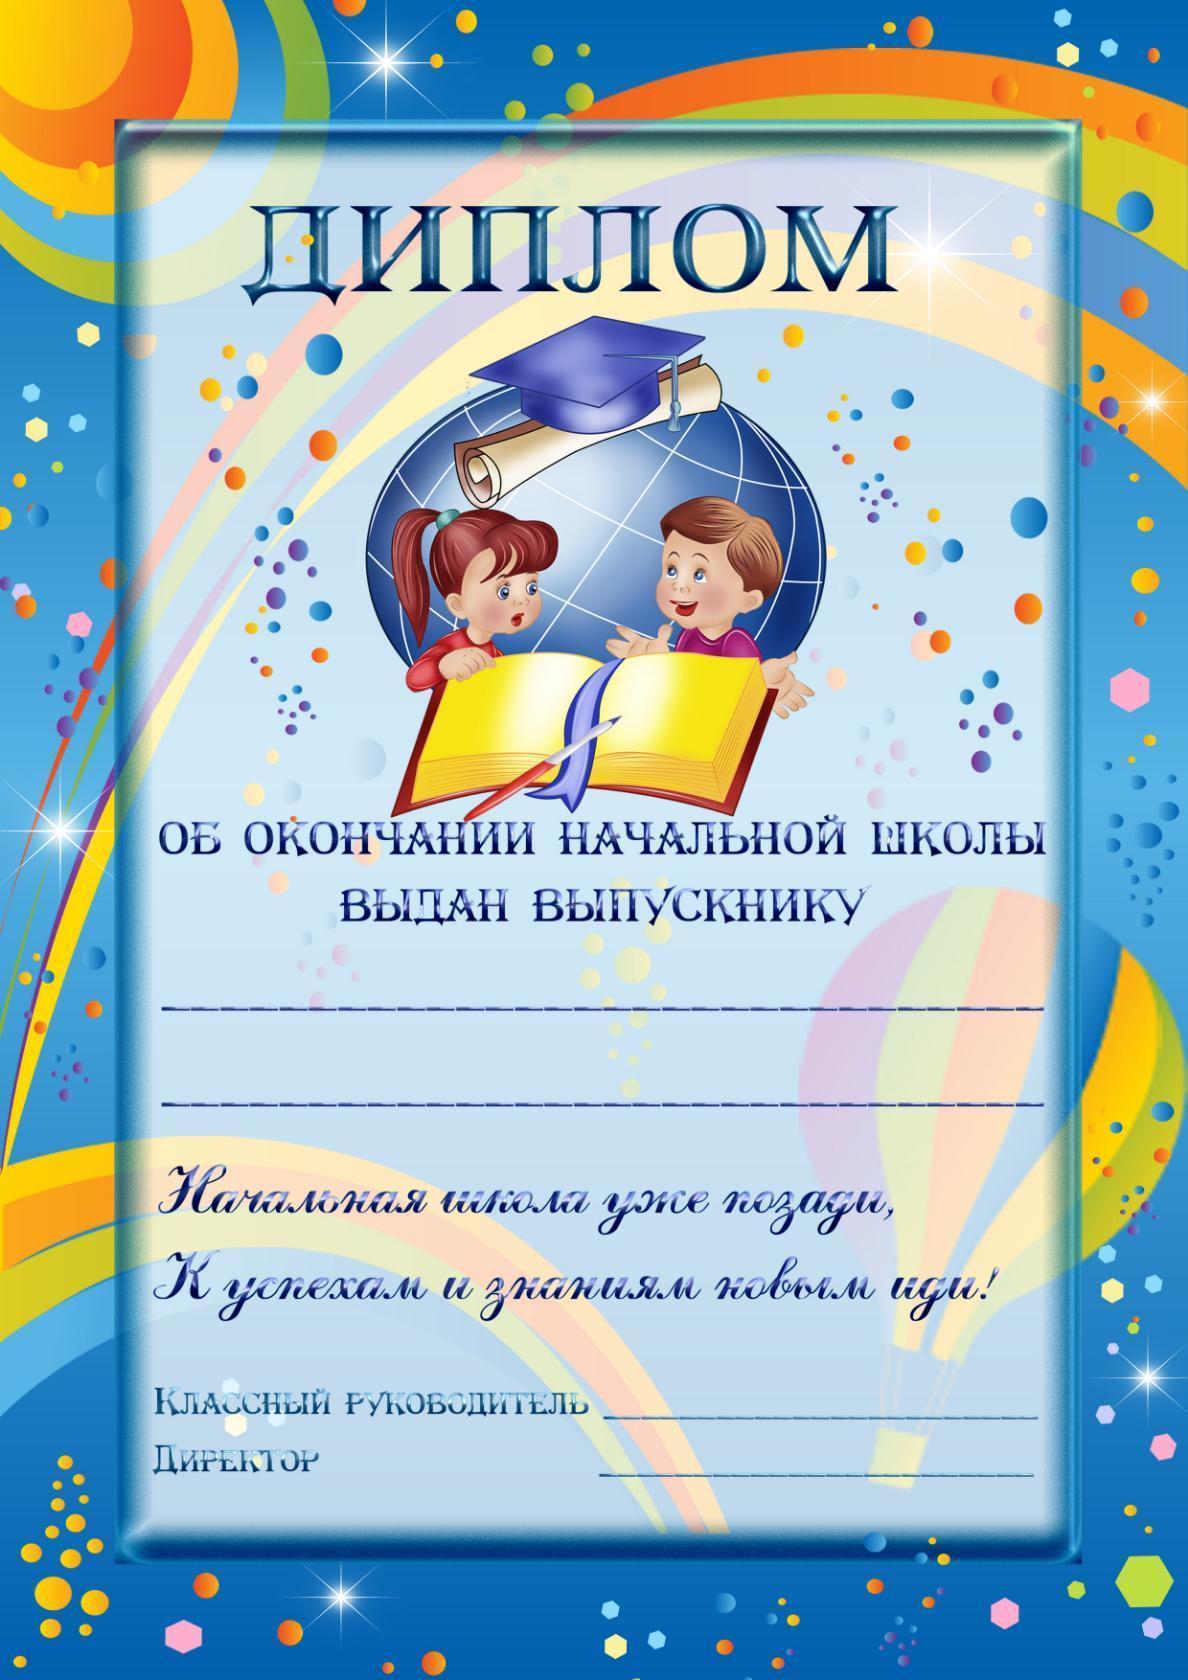 Поздравления, грамоты выпускникам начальной школы шаблоны